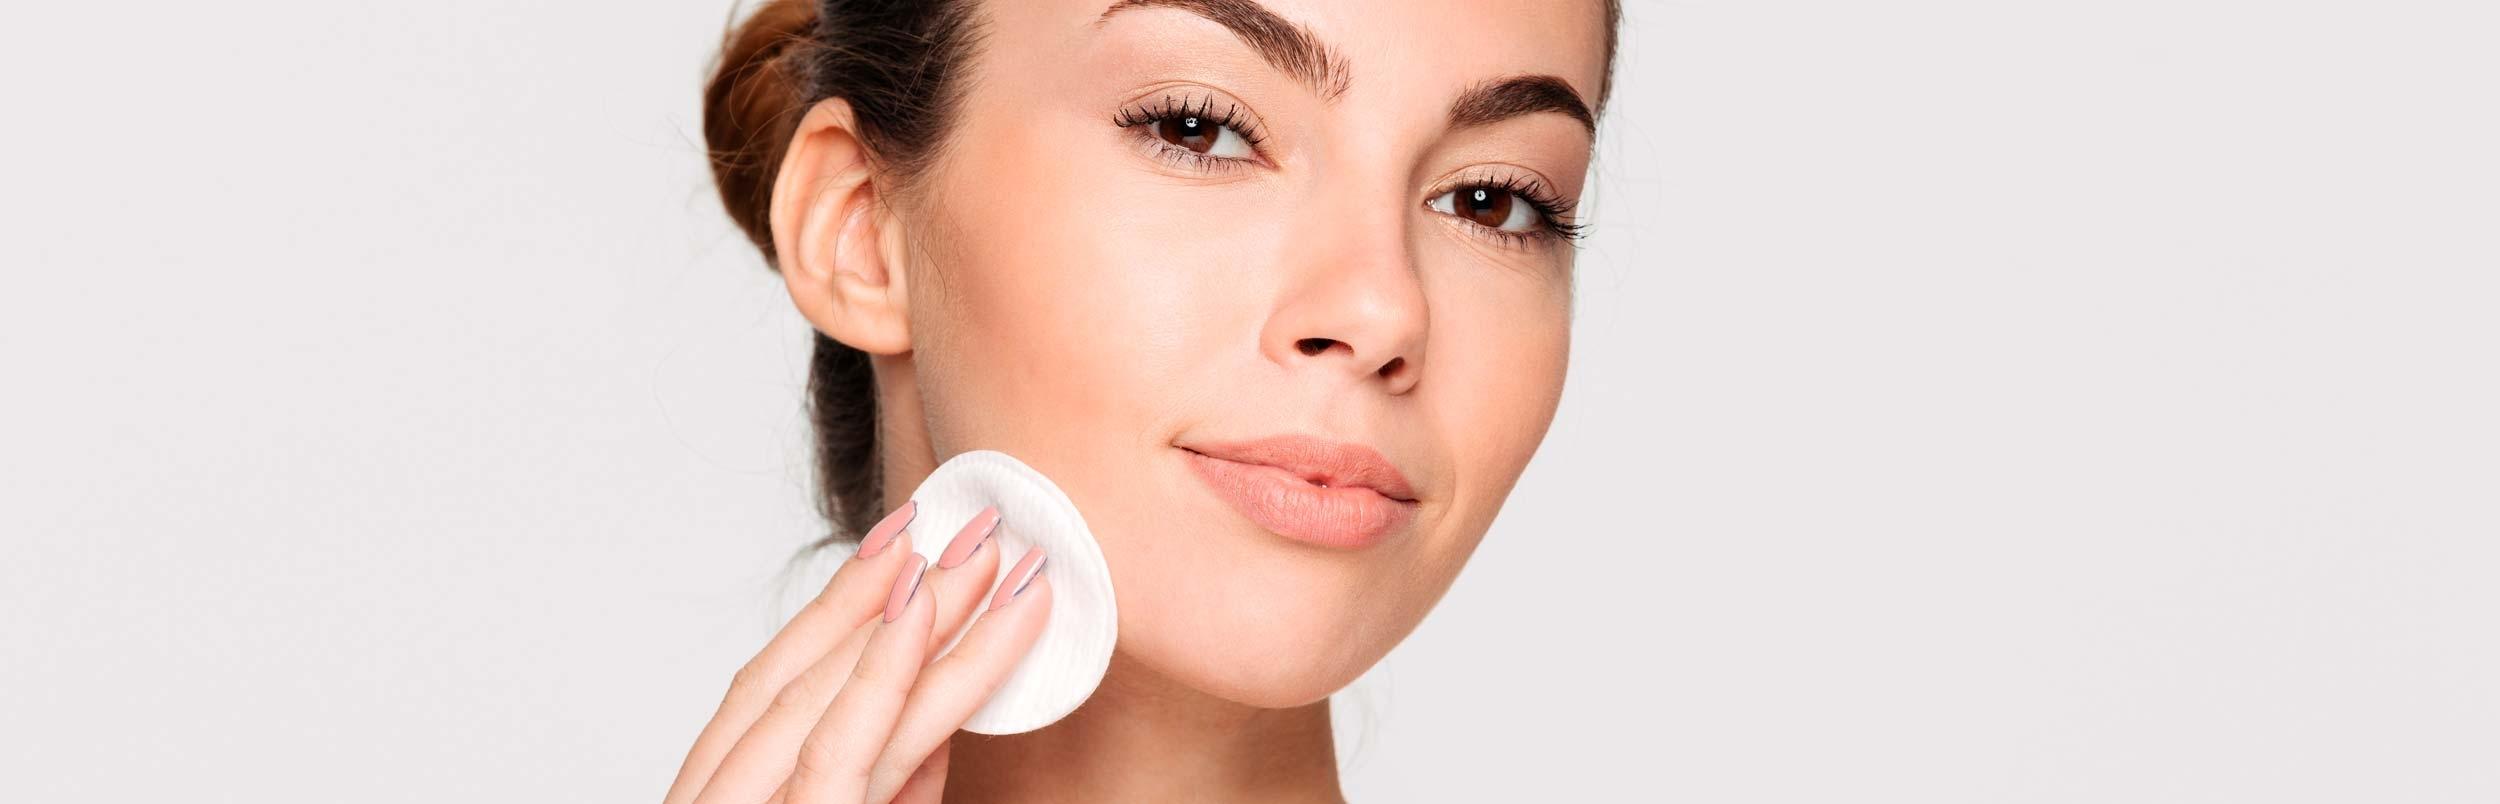 Ureinheiten & Akne behandeln – ZO® Skin Health